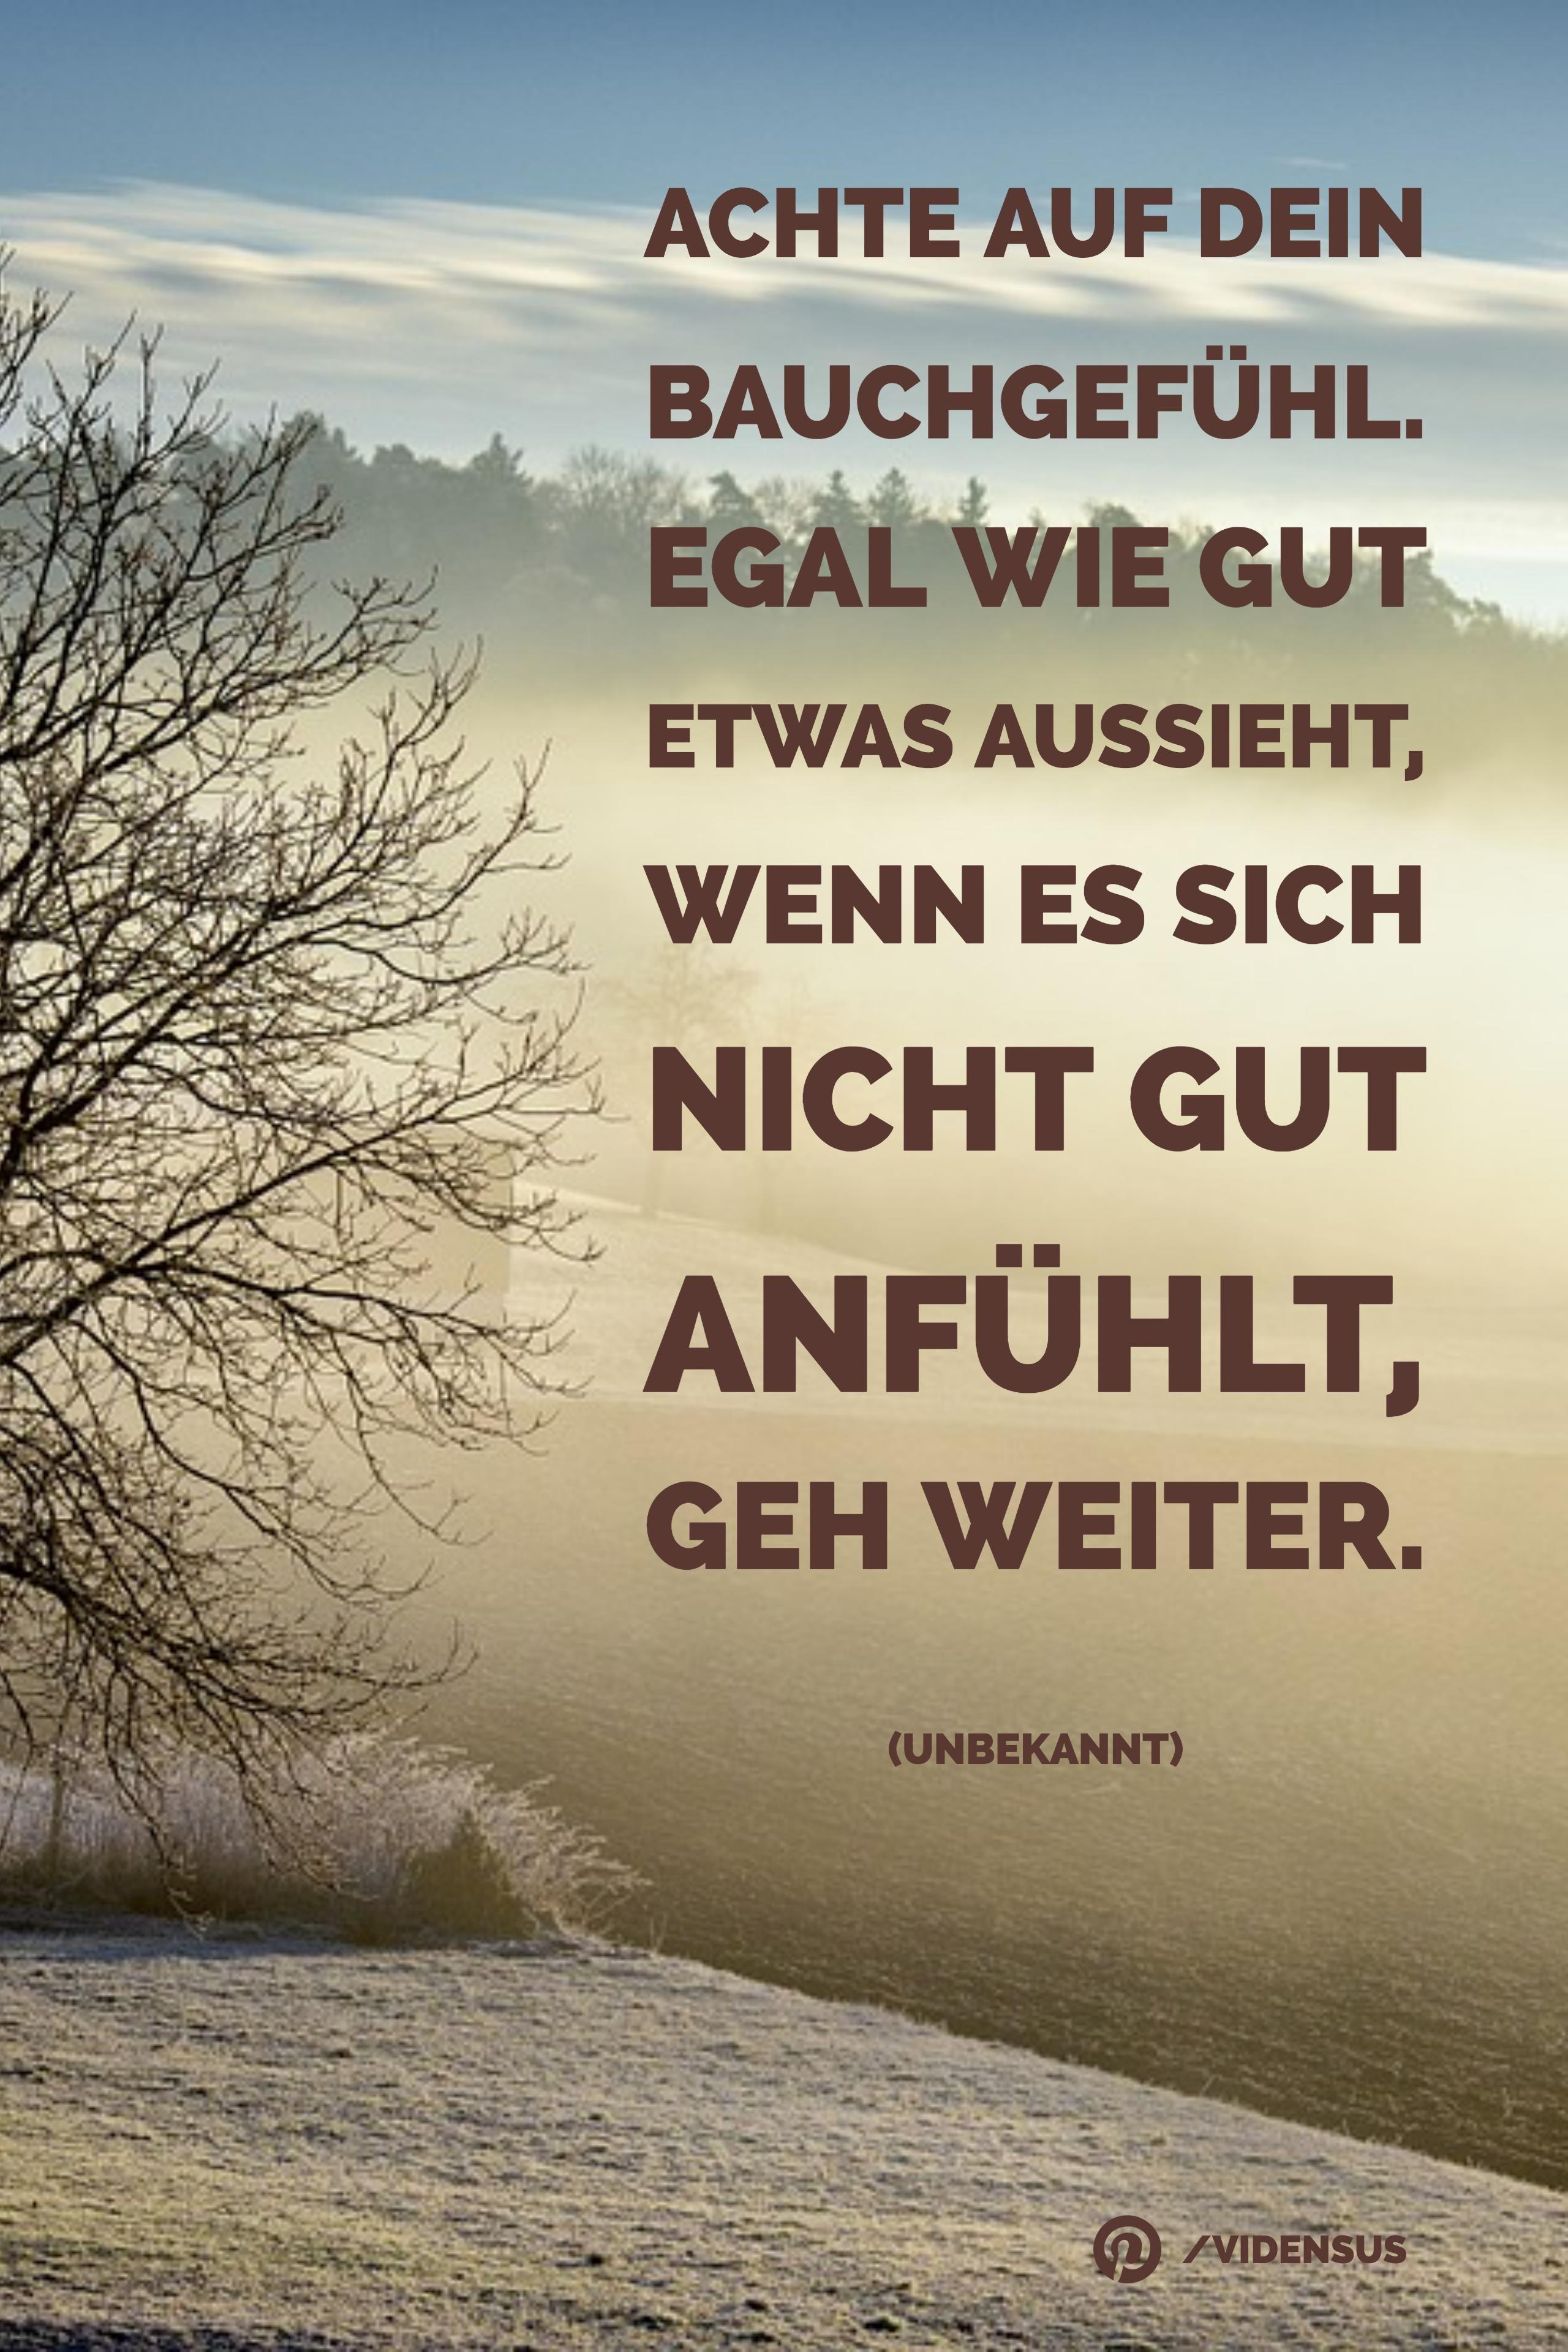 zitate #sprüche #weisheiten #bauchgefühl | Zitate | Quotes, Love